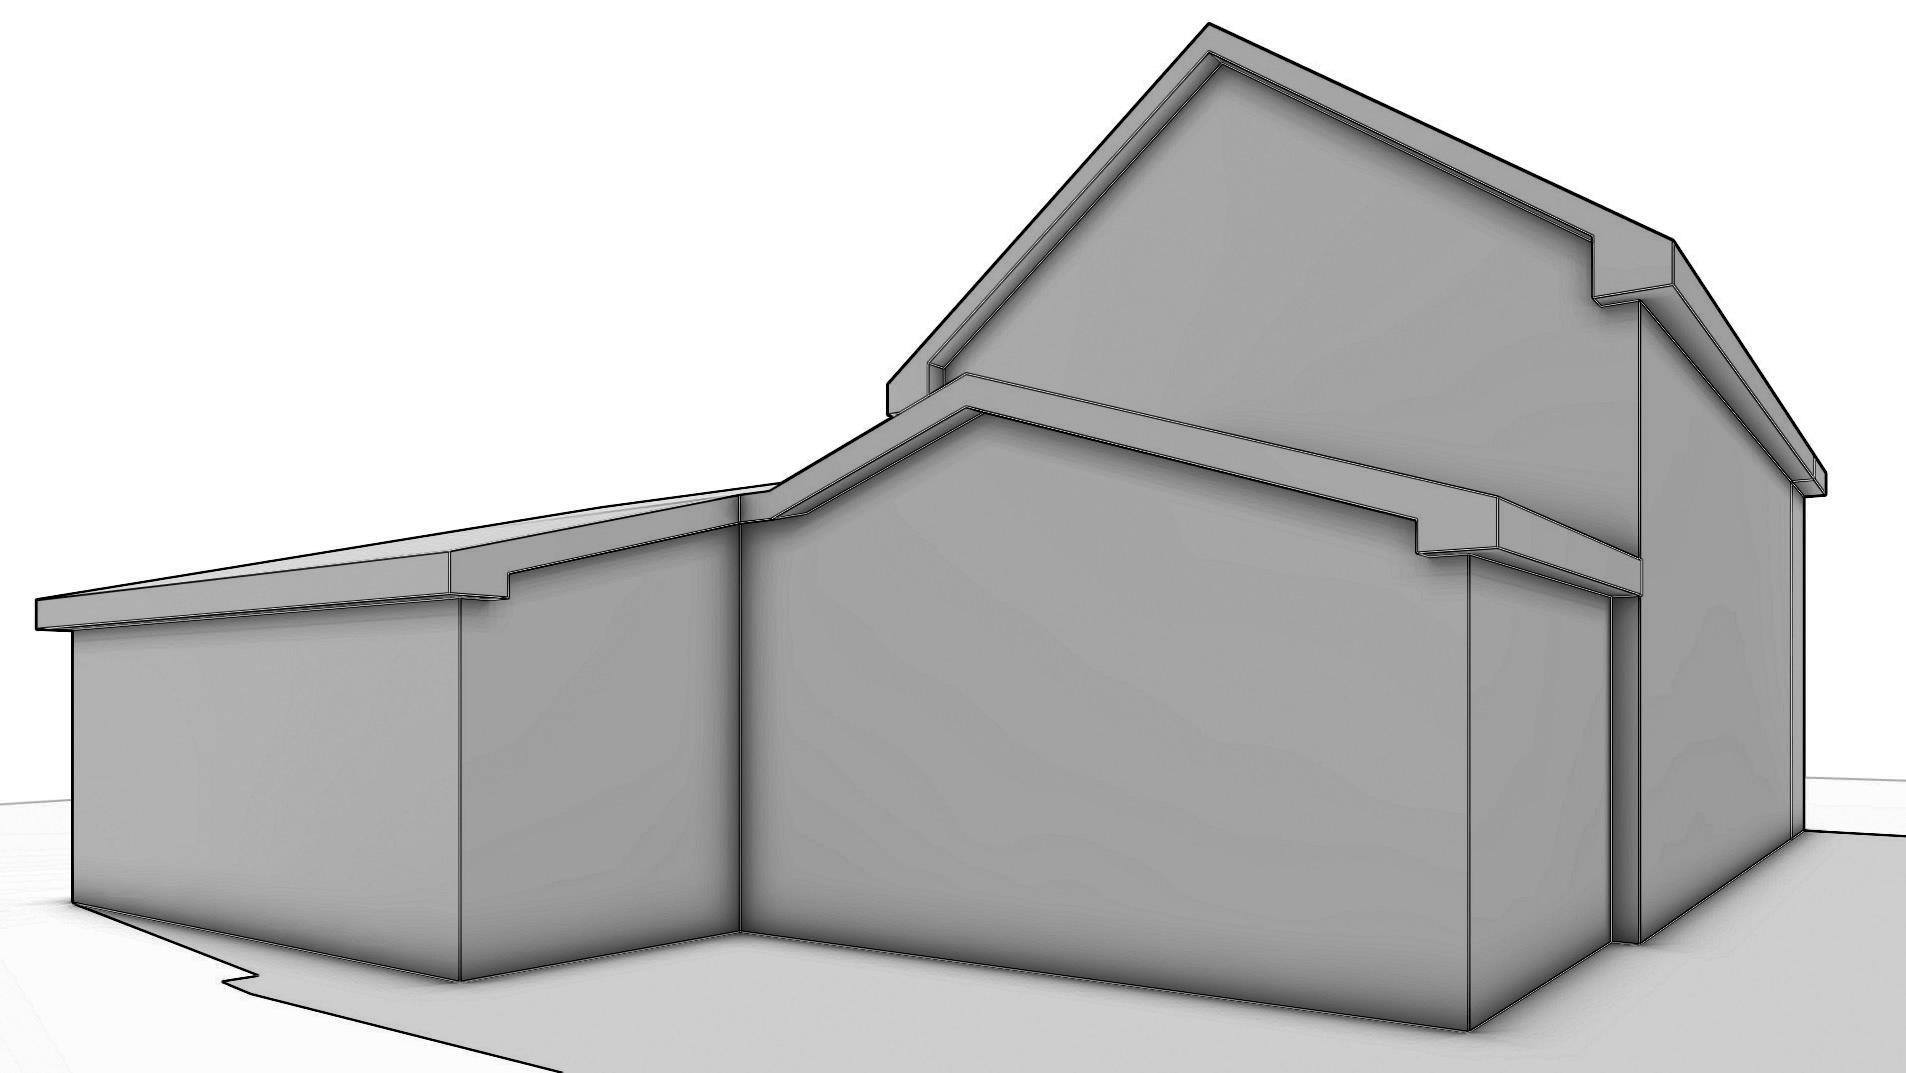 Roofline3-b.jpg